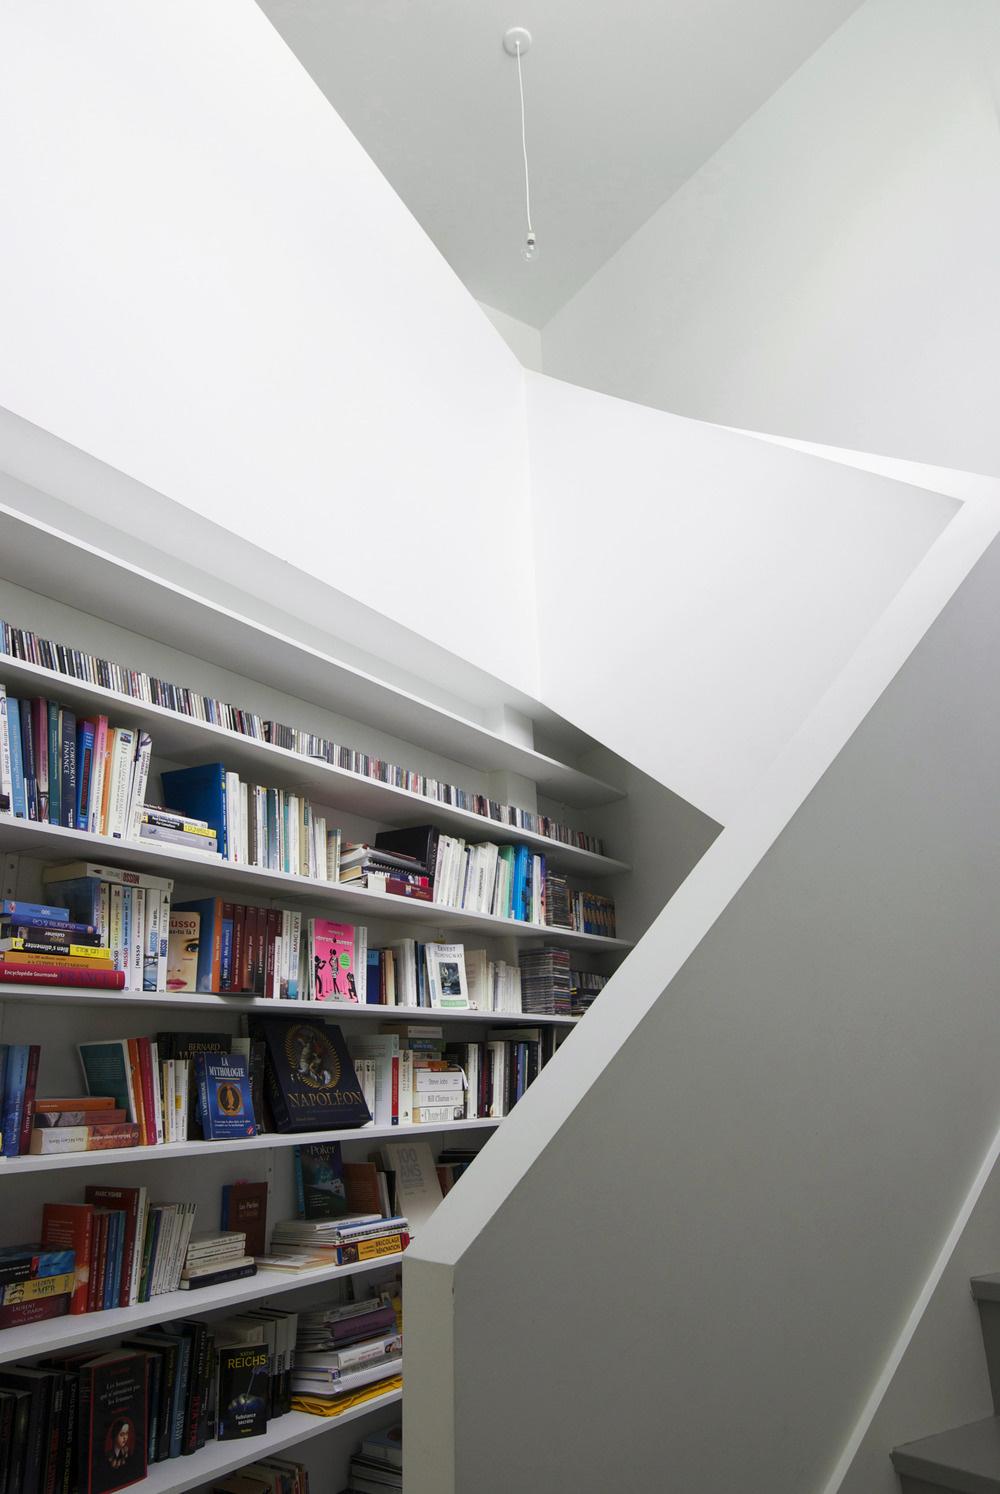 Rebelujúca stena. Knižnica plná pestrofarebných kníh získava v snehobielom priestore úplne iný význam než vo farebne veľkorysejších interiéroch.